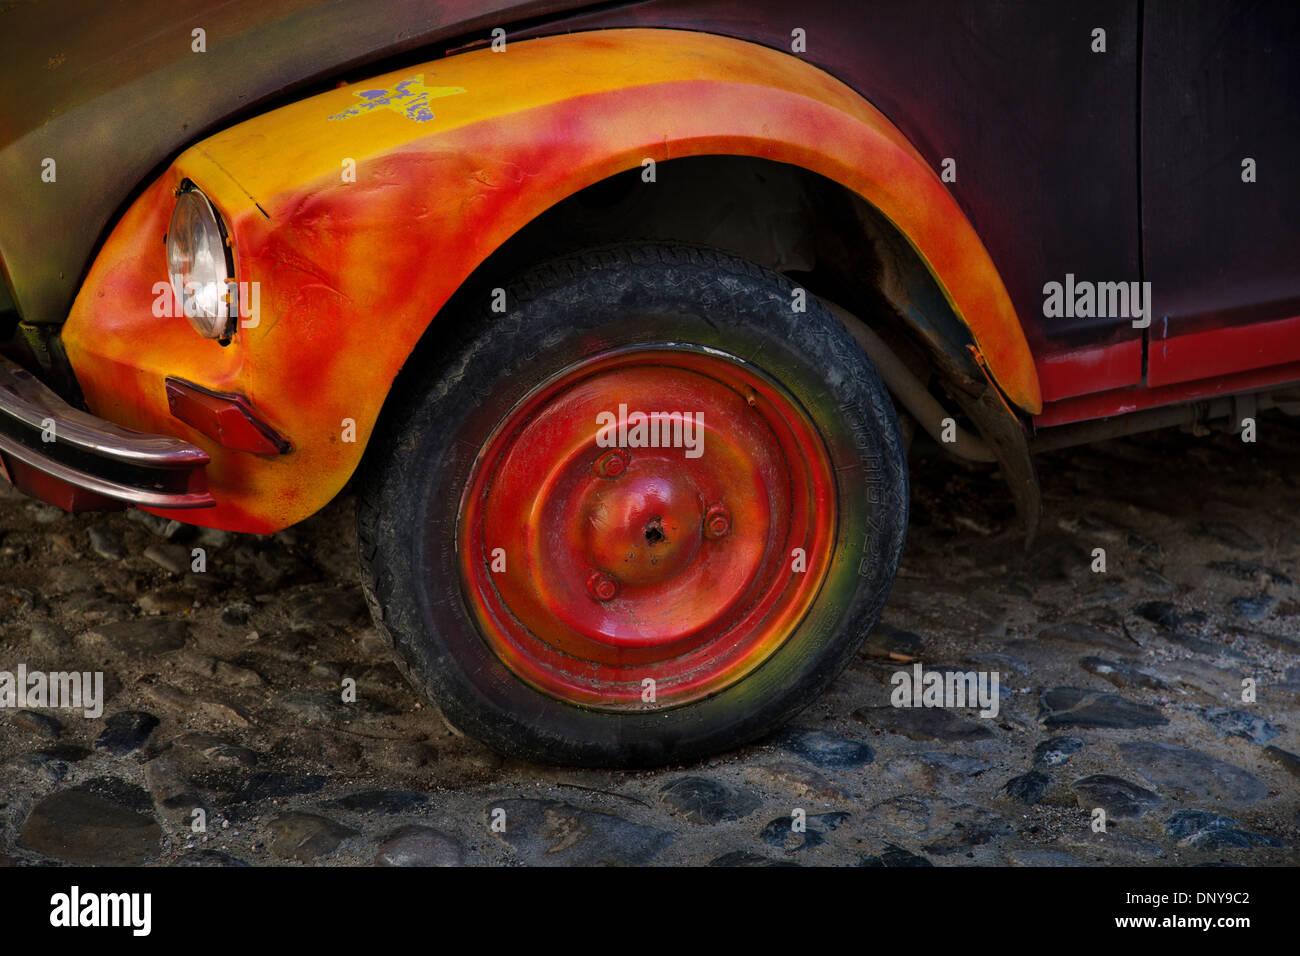 Bunt bemalte orange & gelb 2CV französische Auto-Rad auf gepflasterten Straße, Frankreich Stockfoto